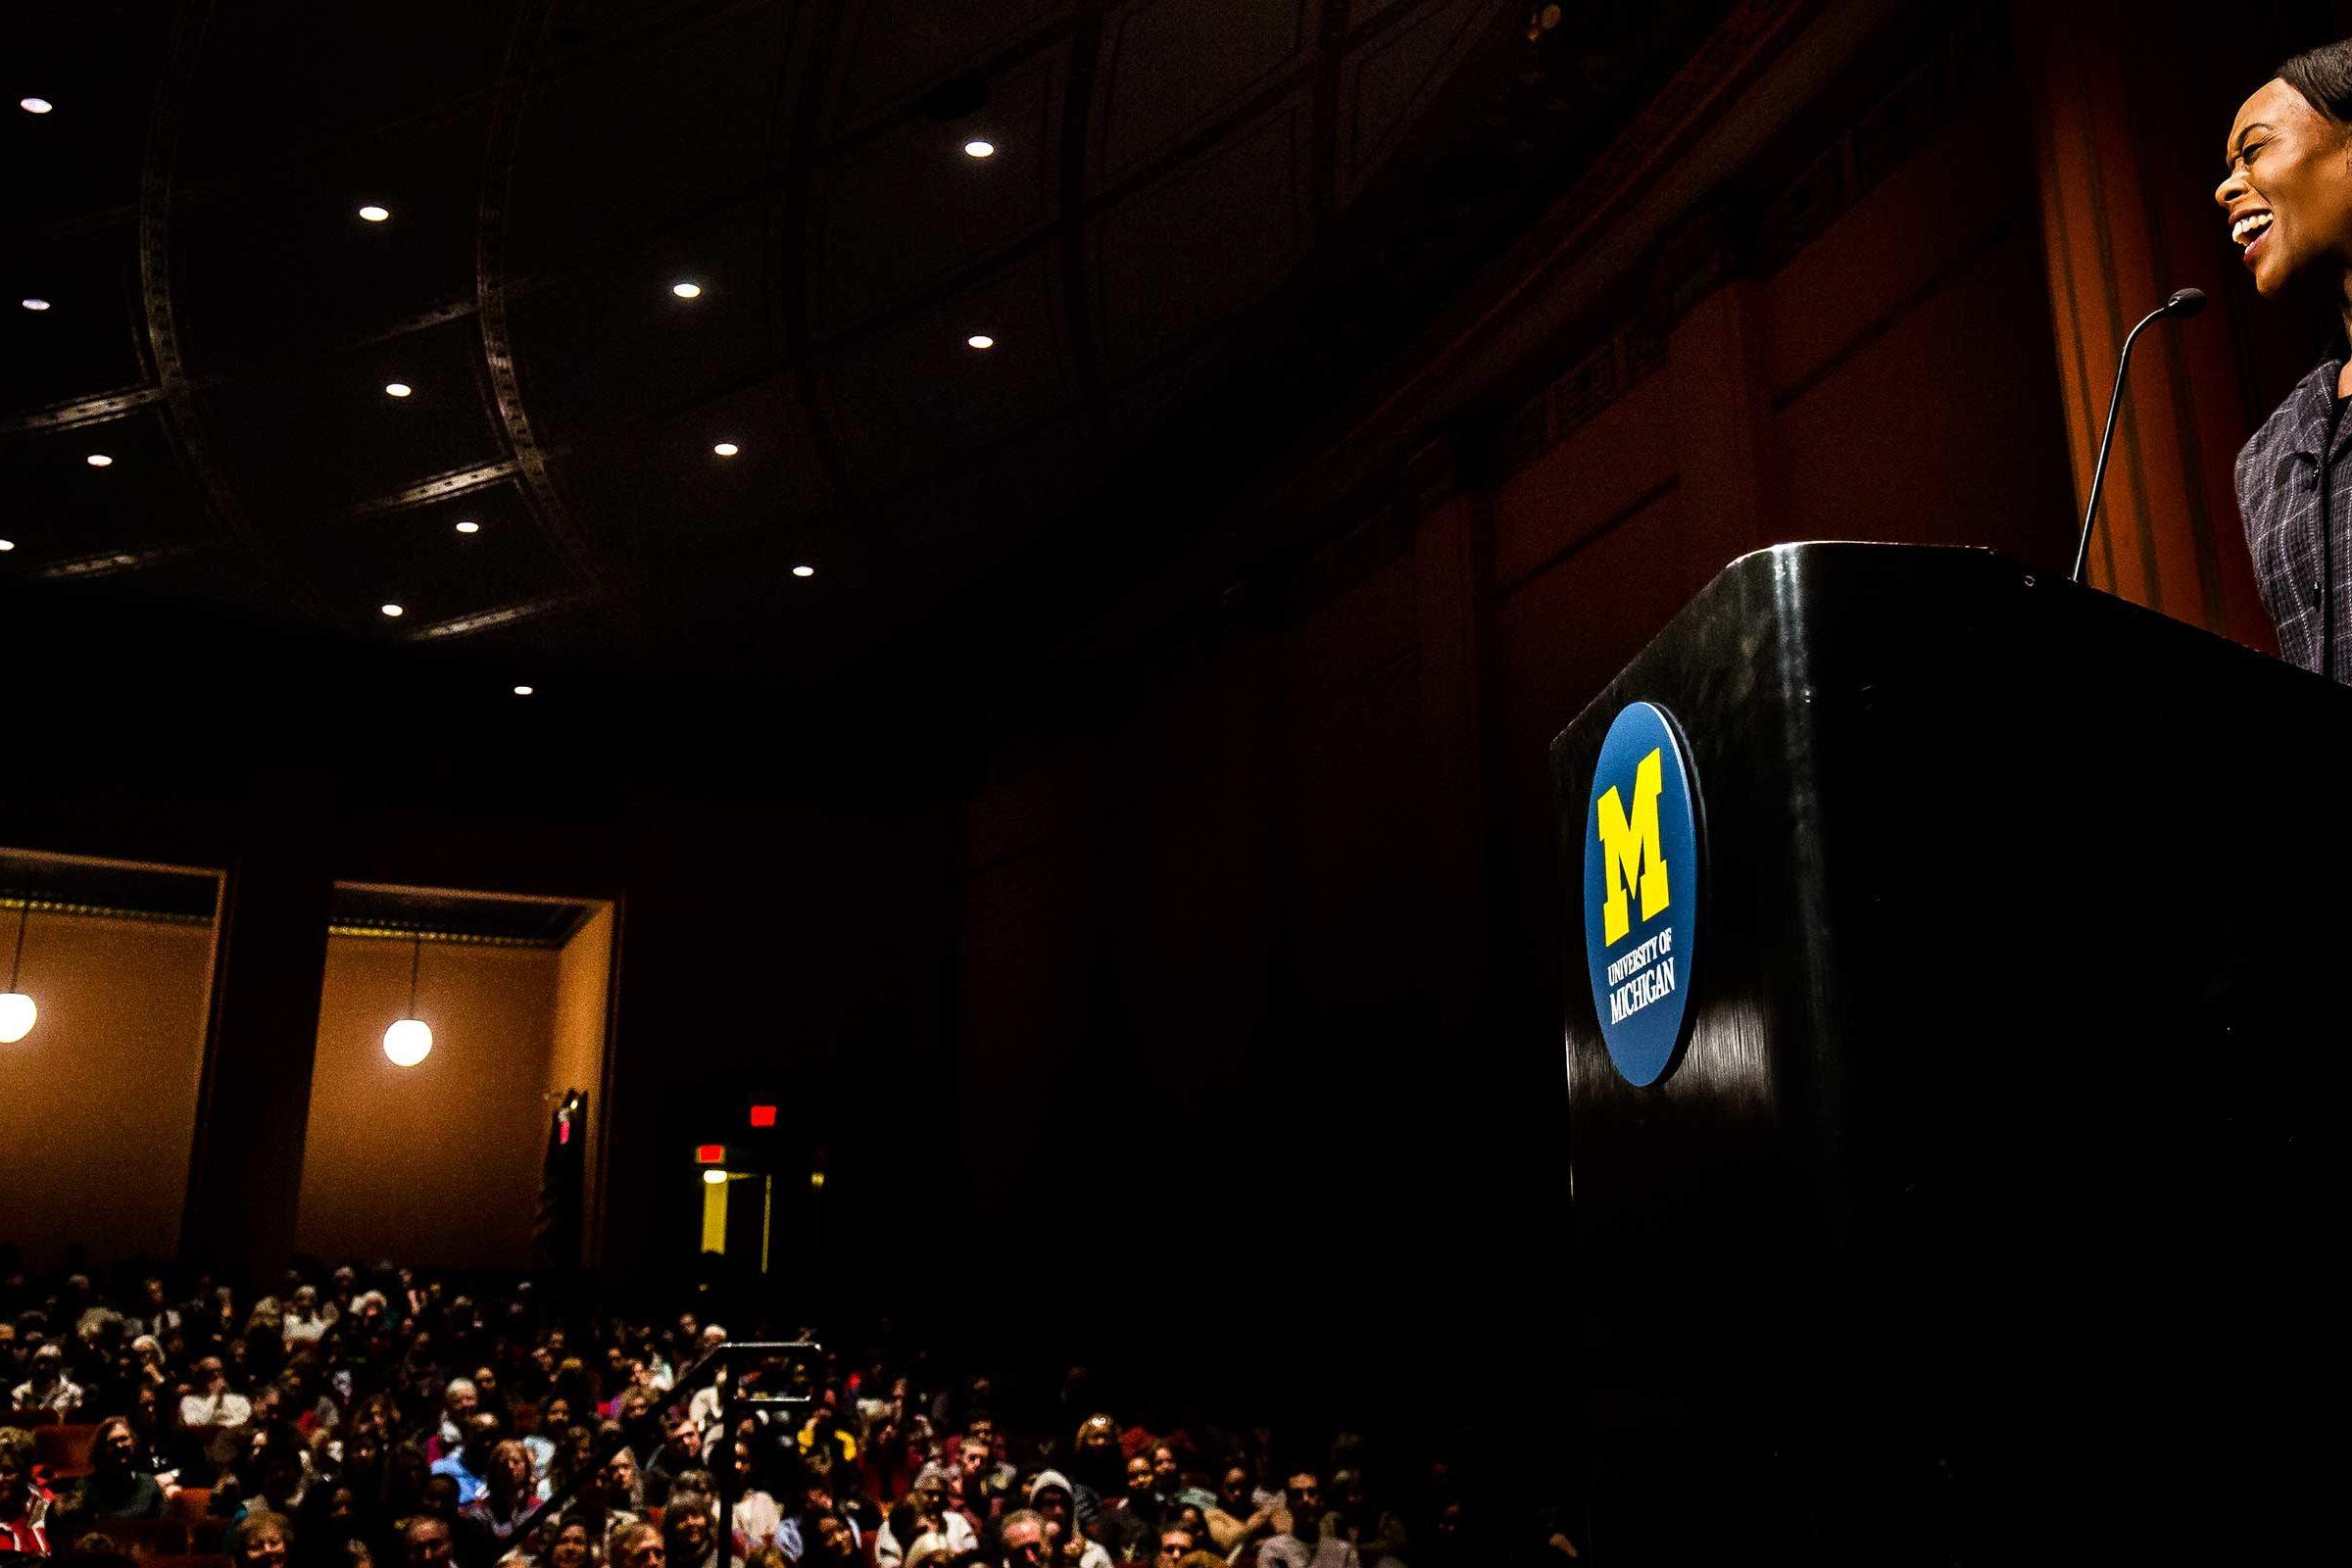 Shetterly speaking to a full house at Rackham Auditorium